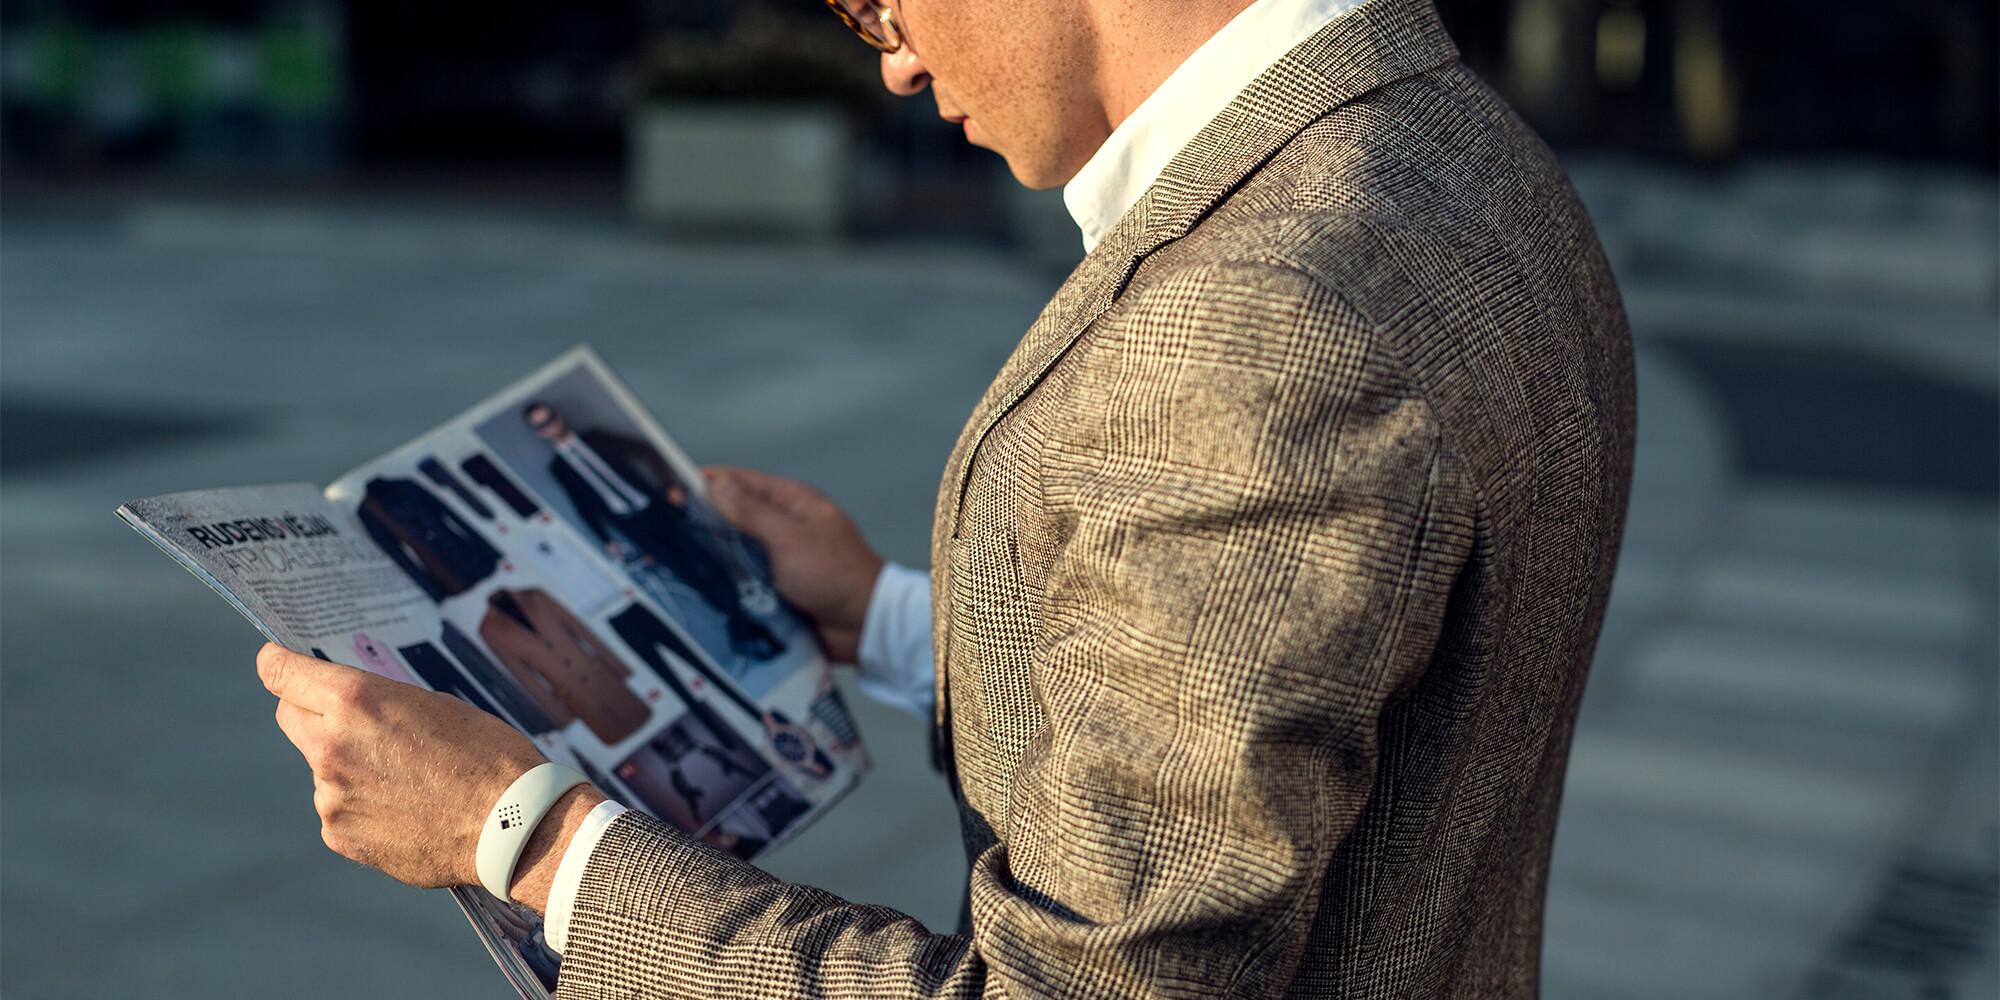 Verslininkas dėvintis prašmatnią AMBRIO apyrankę skaito mados žurnalą